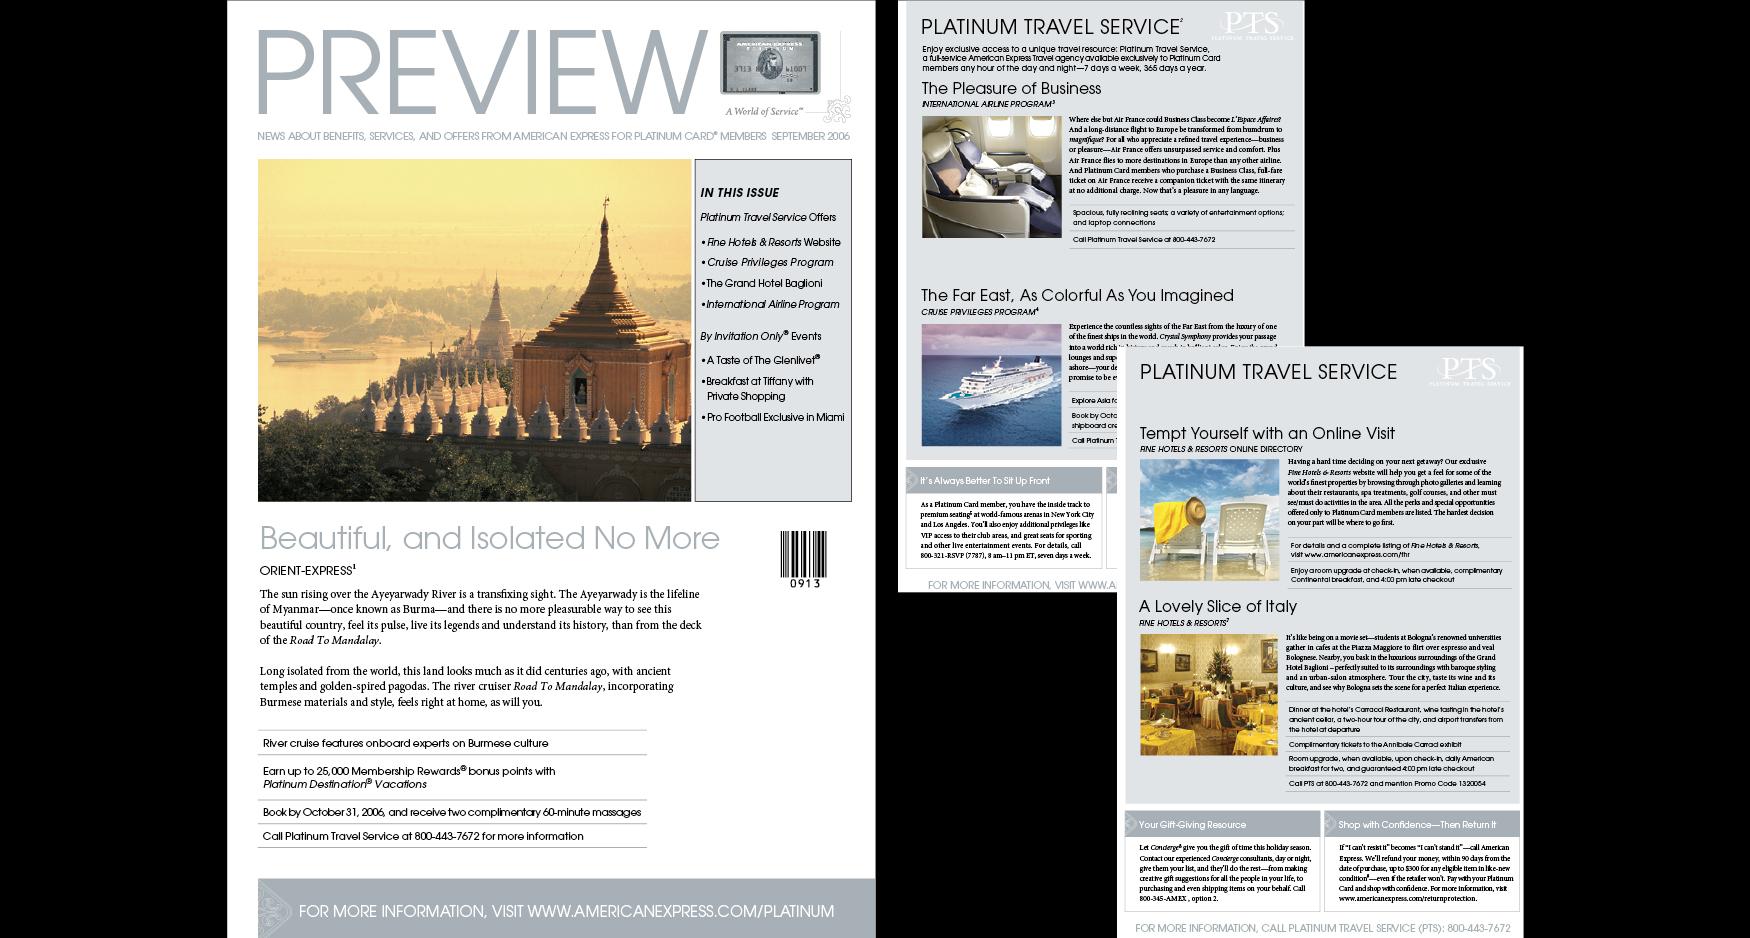 BP Large Website Images51 - AMERICAN EXPRESS - PLATINUM REWARDS NEWSLETTER